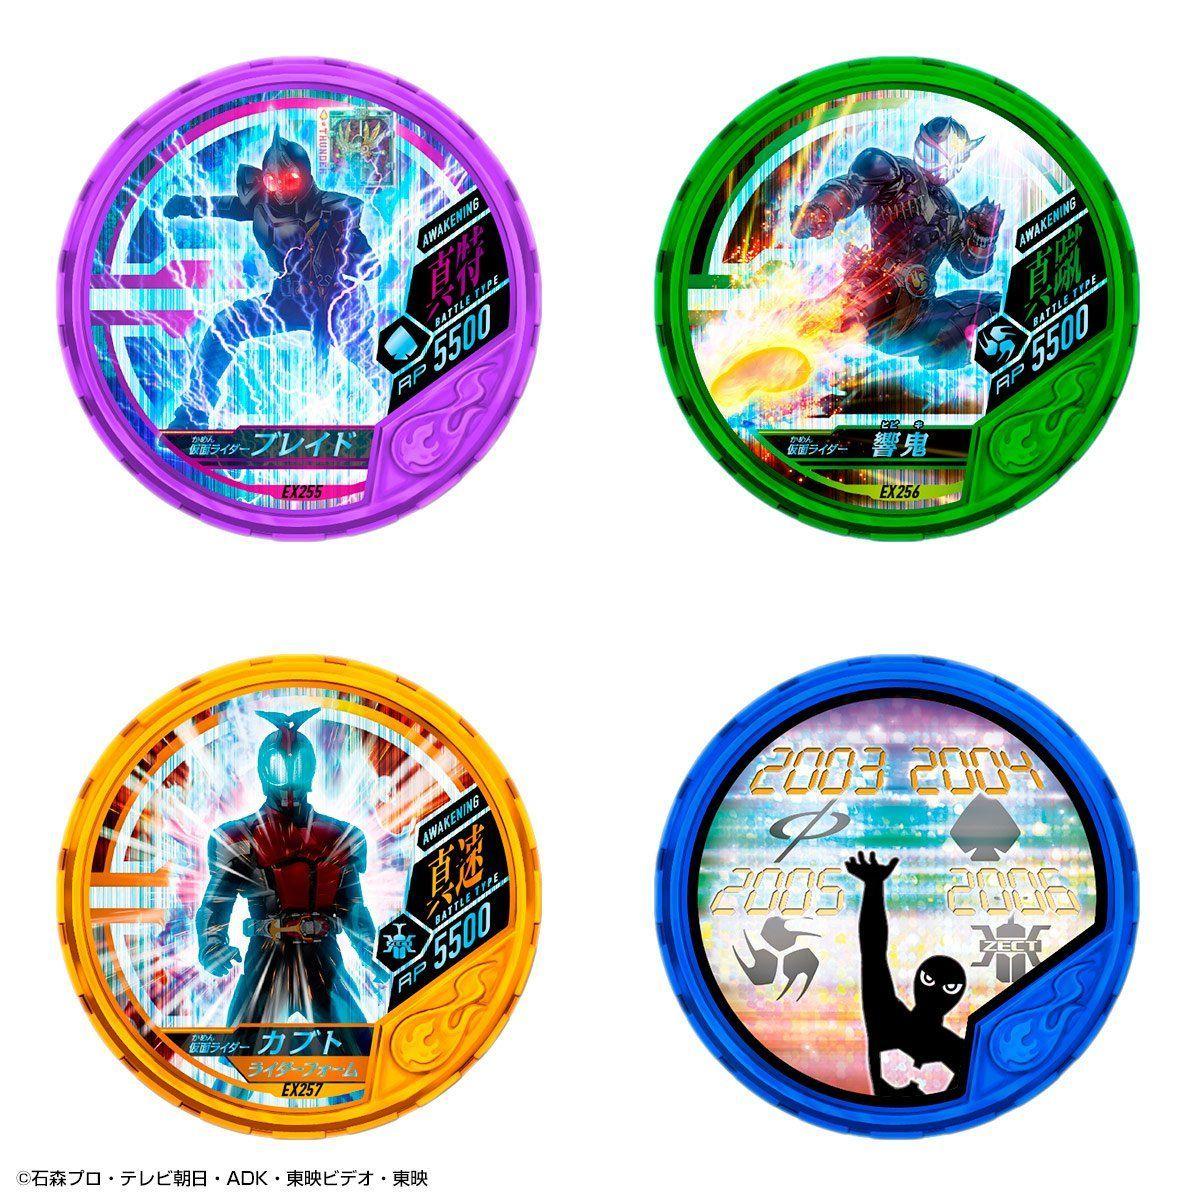 仮面ライダー ブットバソウル『オフィシャルメダルホルダー -20th Anniversary-』-005